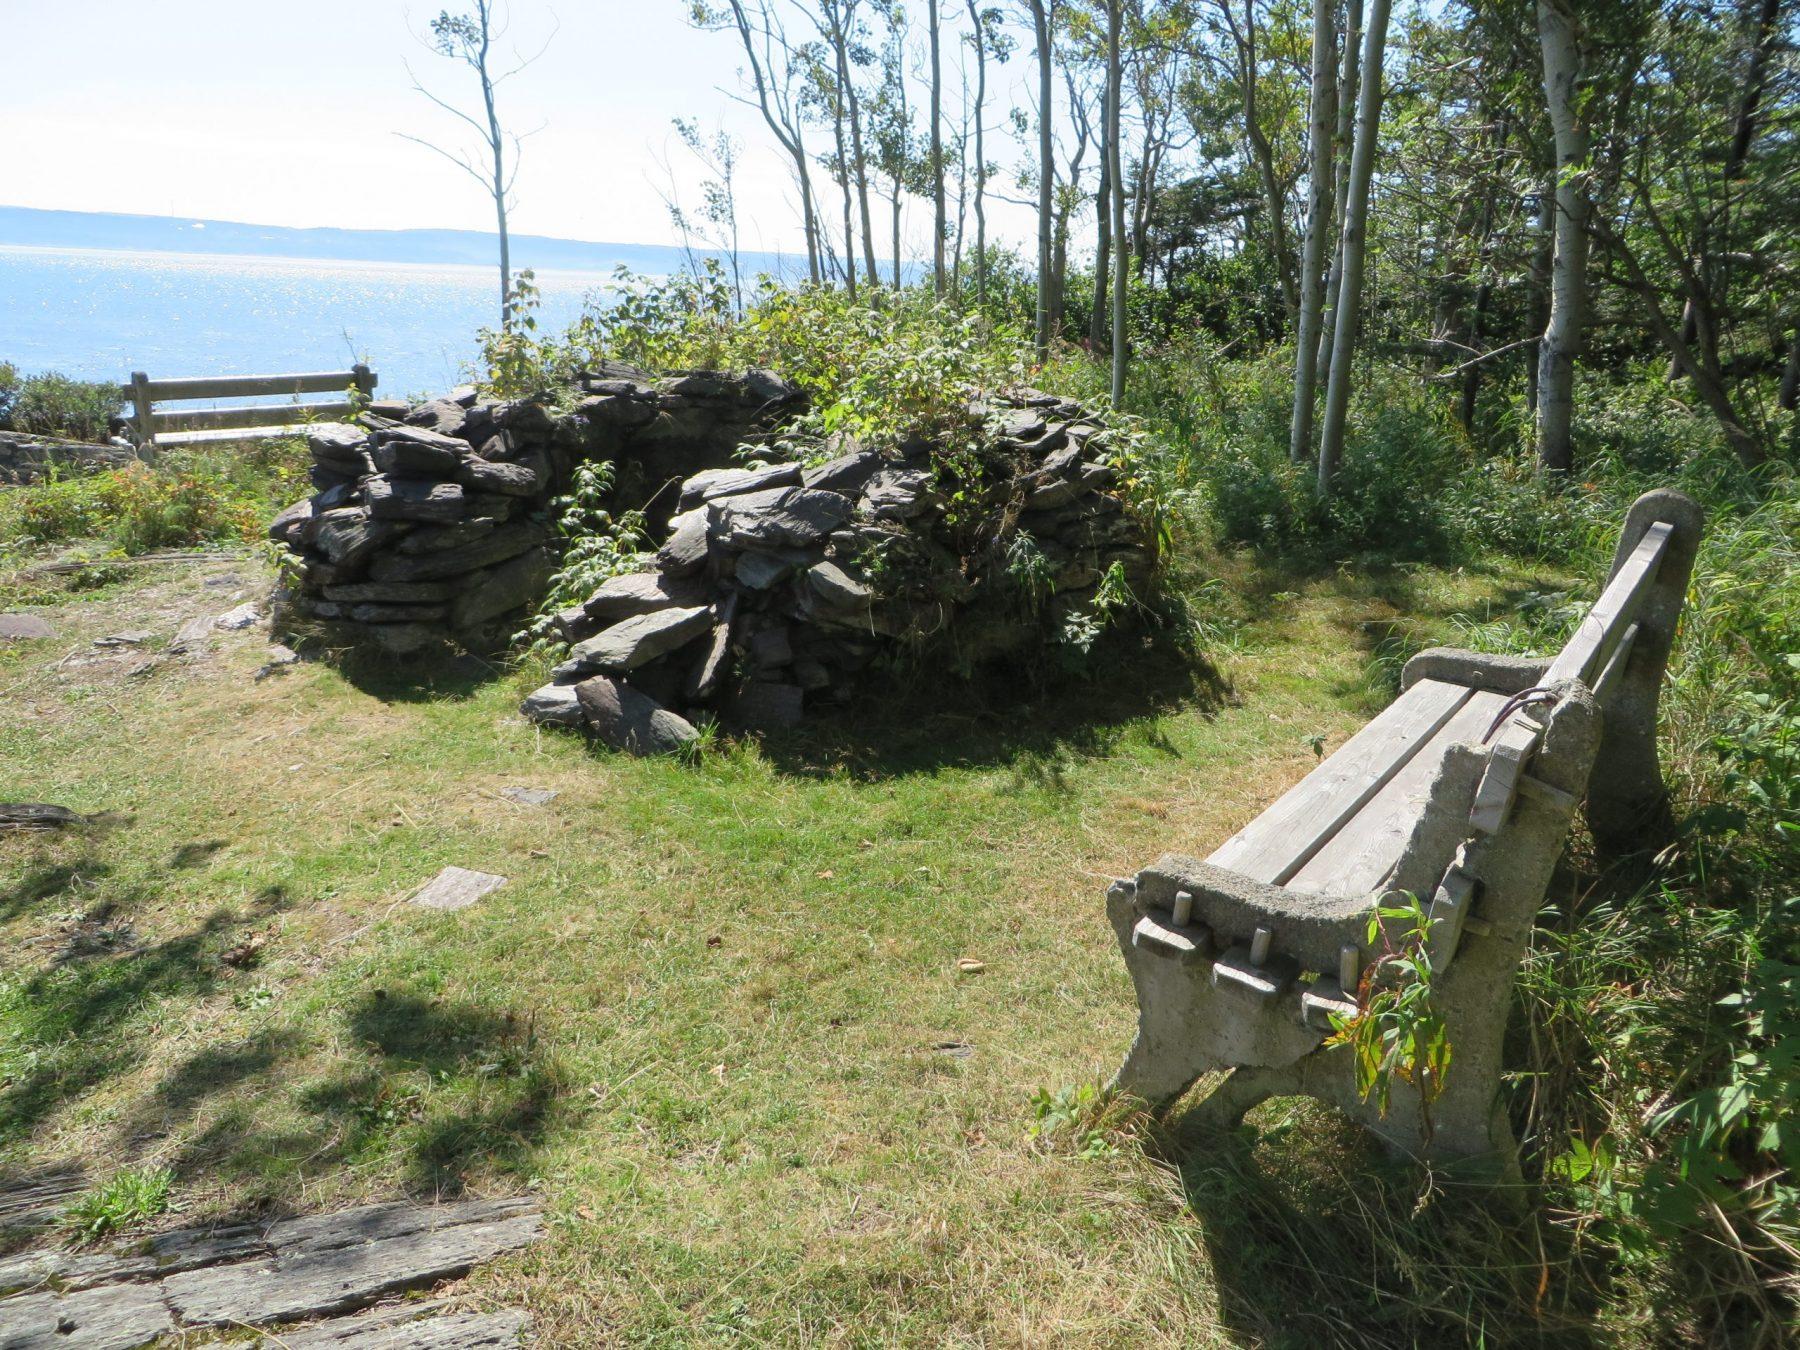 Four basque au parc naturel et historique de l'île aux Basques, au mois de septembre 2016. On en compte 2 sur l'île. Ils ont été rénovés en 2019.